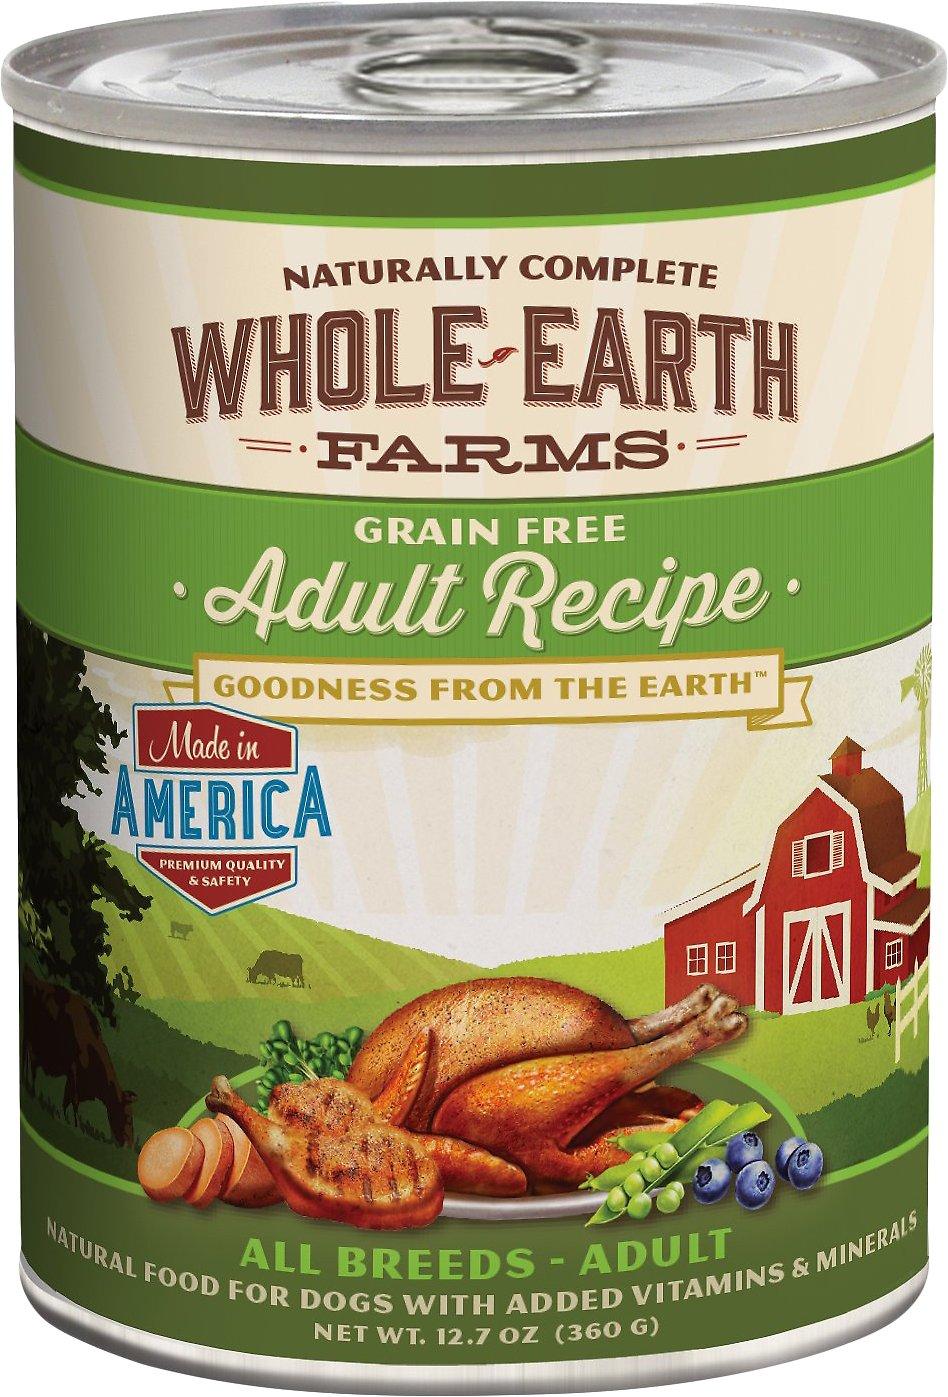 Whole Earth Farms Grain-Free Adult Recipe Canned Dog Food, 12.7-oz